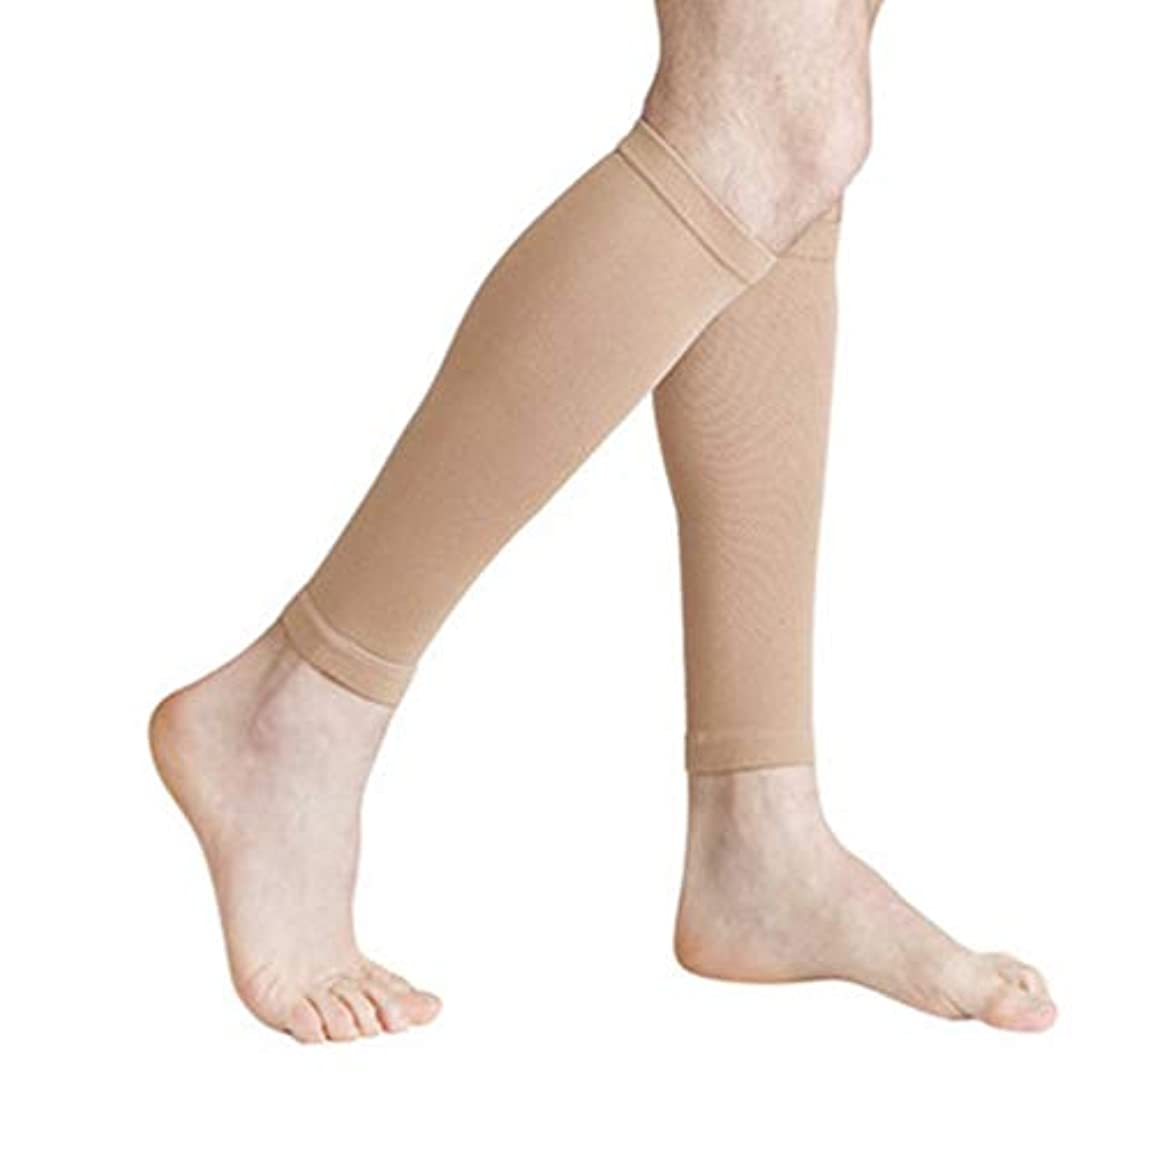 特殊はちみつ実業家丈夫な男性女性プロの圧縮靴下通気性のある旅行活動看護師用シントスプリントフライトトラベル - 肌色